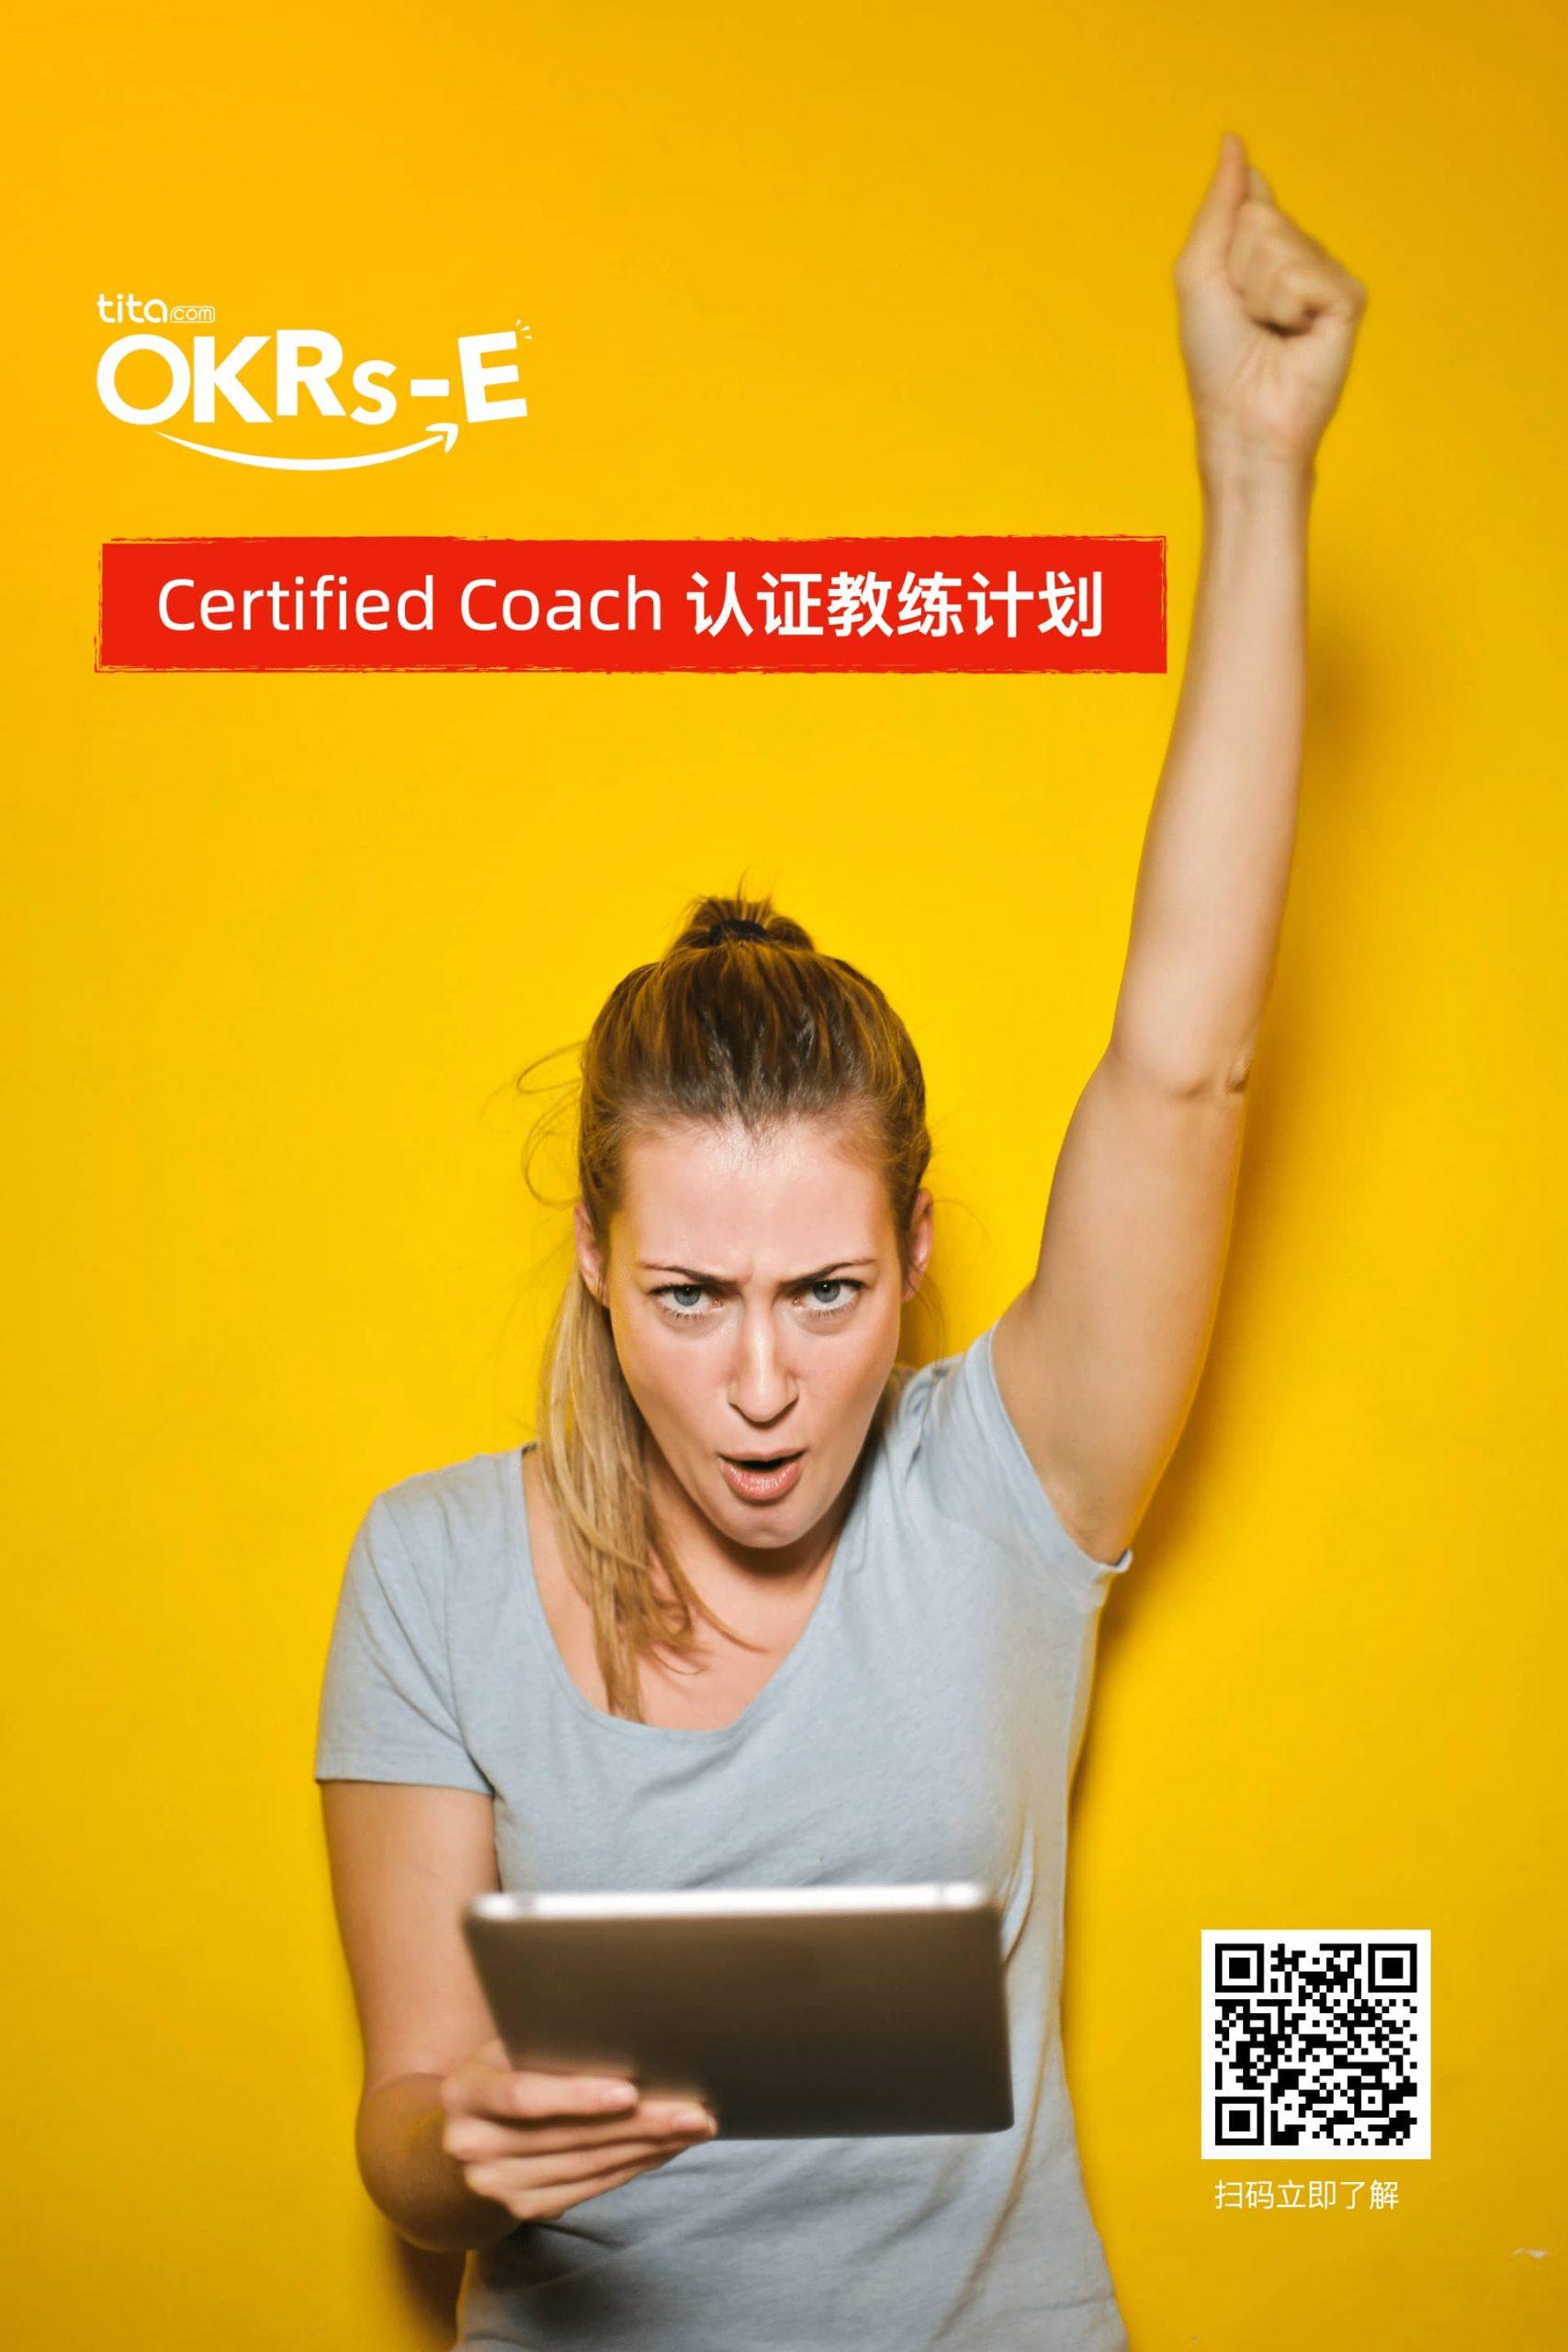 Tita 推出首个互动式 OKR 教练认证计划